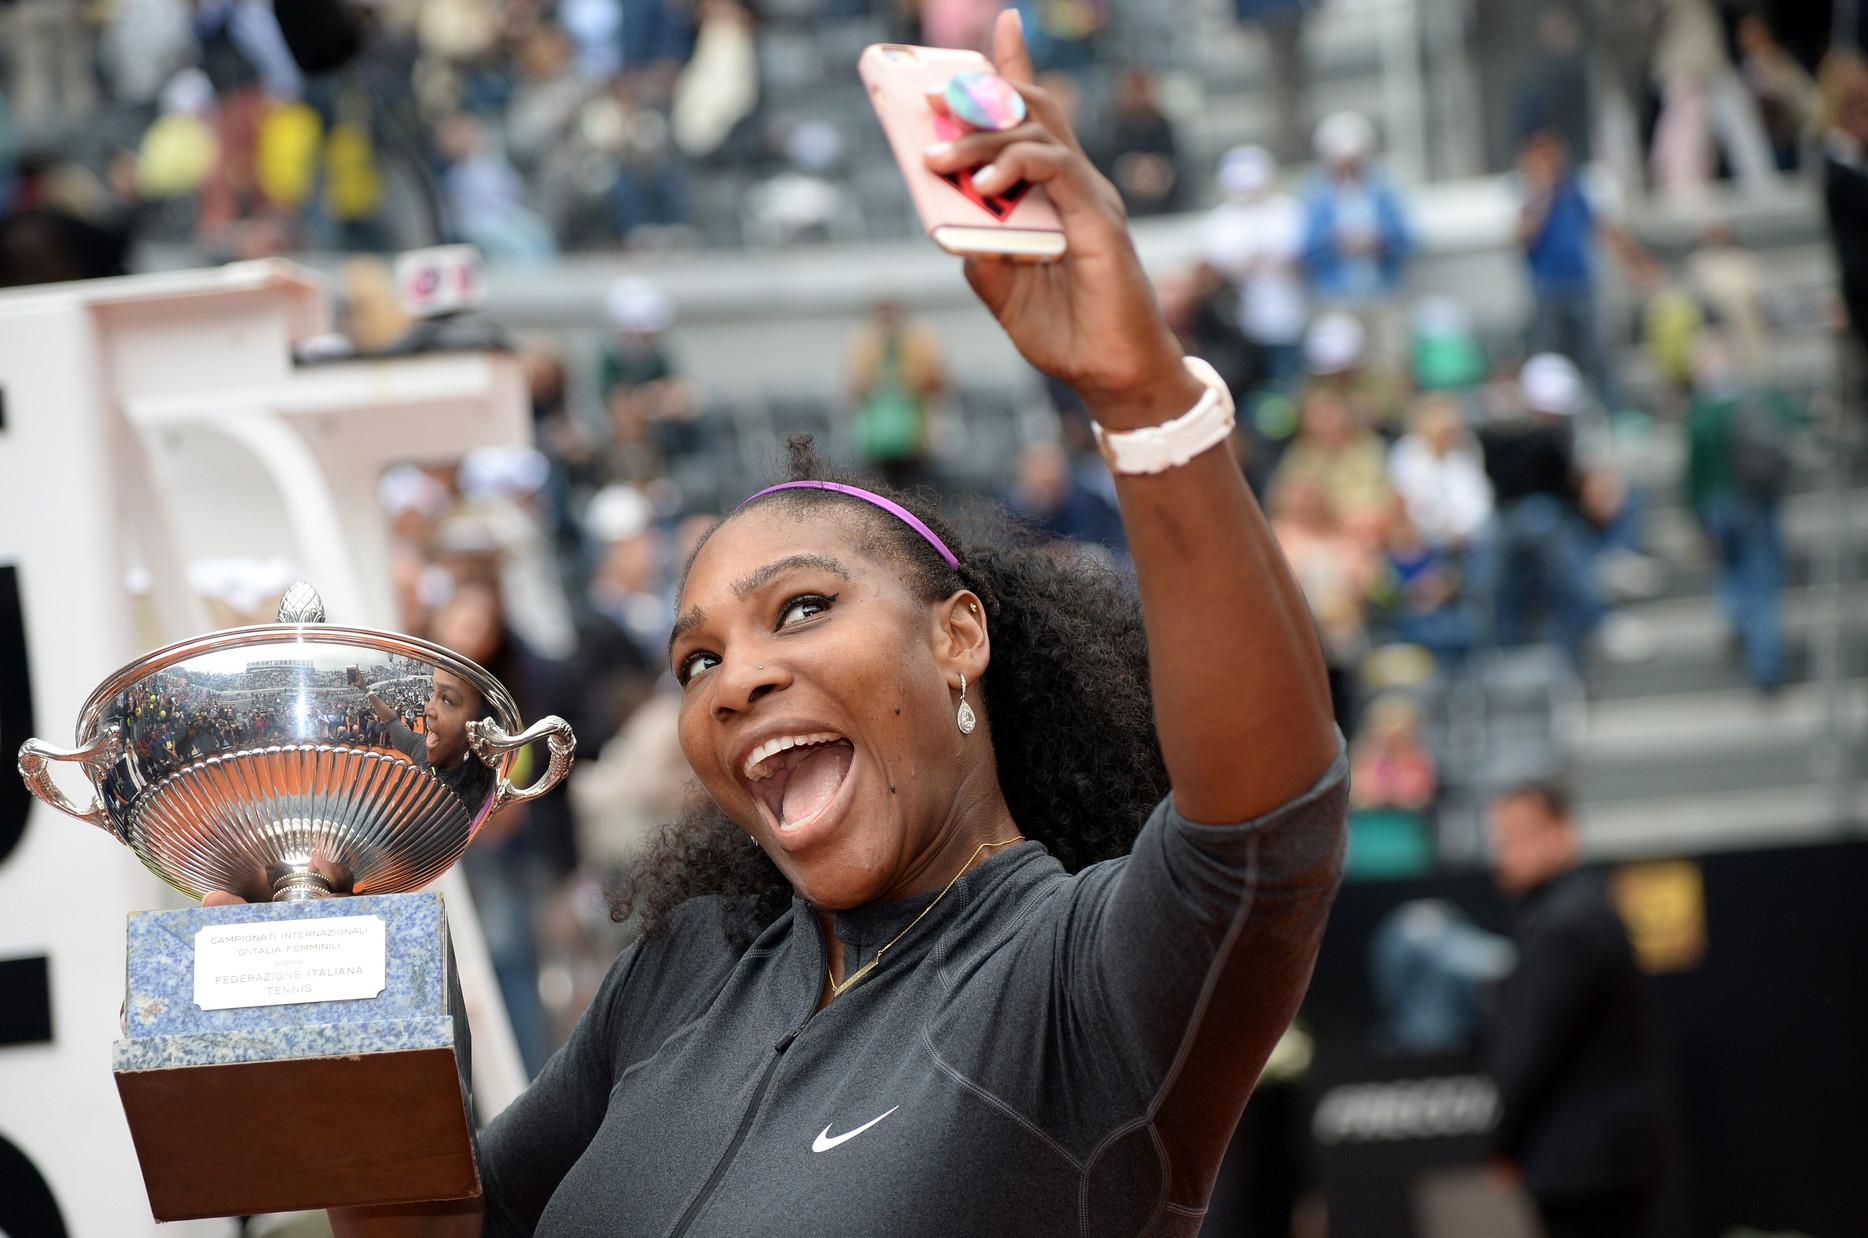 Il 2016 è l'anno di Serena Williams che trionfa per la quarta volta.